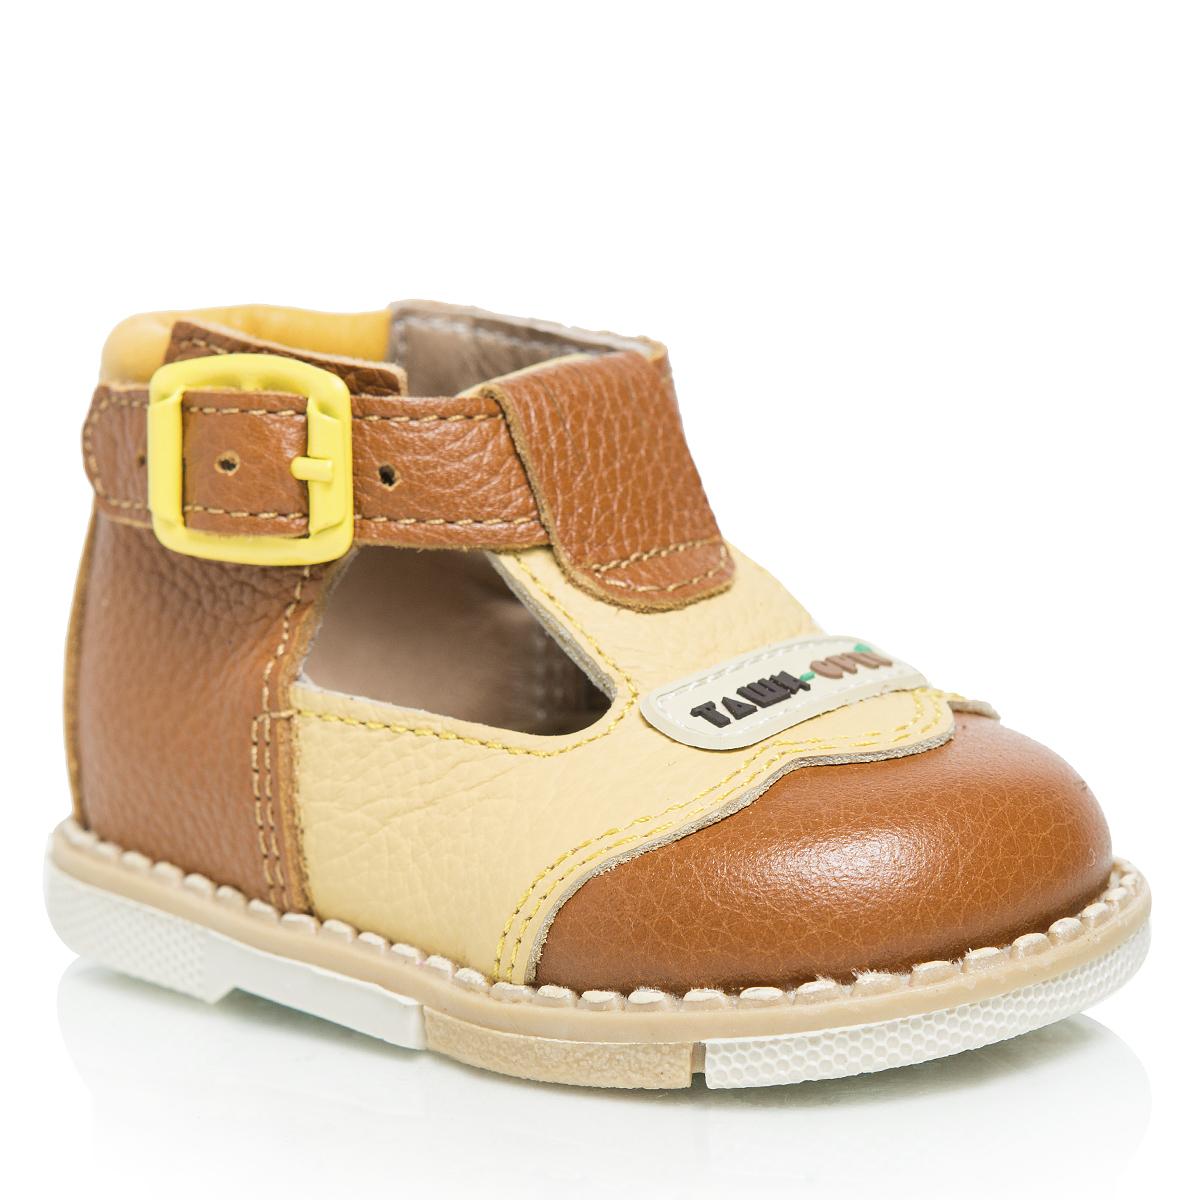 Туфли детские. 112112-09Стильные детские туфли Таши Орто заинтересуют вашего ребенка с первого взгляда. Модель выполнена из натуральной кожи контрастных цветов. Ремешок на застежке-пряжке помогает оптимально подогнать полноту обуви по ноге и гарантирует надежную фиксацию. Подъем декорирован нашивкой с символикой бренда. Литая анатомическая стелька из натуральной кожи со сводоподдерживающим элементом и латексным покрытием, не продавливающаяся во время носки, обеспечивает правильное формирование стопы. Благодаря использованию современных внутренних материалов, позволяет оптимально распределить нагрузку по всей площади стопы, дает ножке ощущение мягкости и комфорта. Мягкая верхняя часть, которая плотно прилегает к ножке, и подкладка, изготовленная из натуральной кожи, позволяют избежать натирания. Полужесткий задник фиксирует ножку ребенка, не давая ей смещаться из стороны в сторону и назад. Широкий, устойчивый каблук, специальной конфигурации каблук Томаса, продлен с внутренней стороны до середины стопы,...